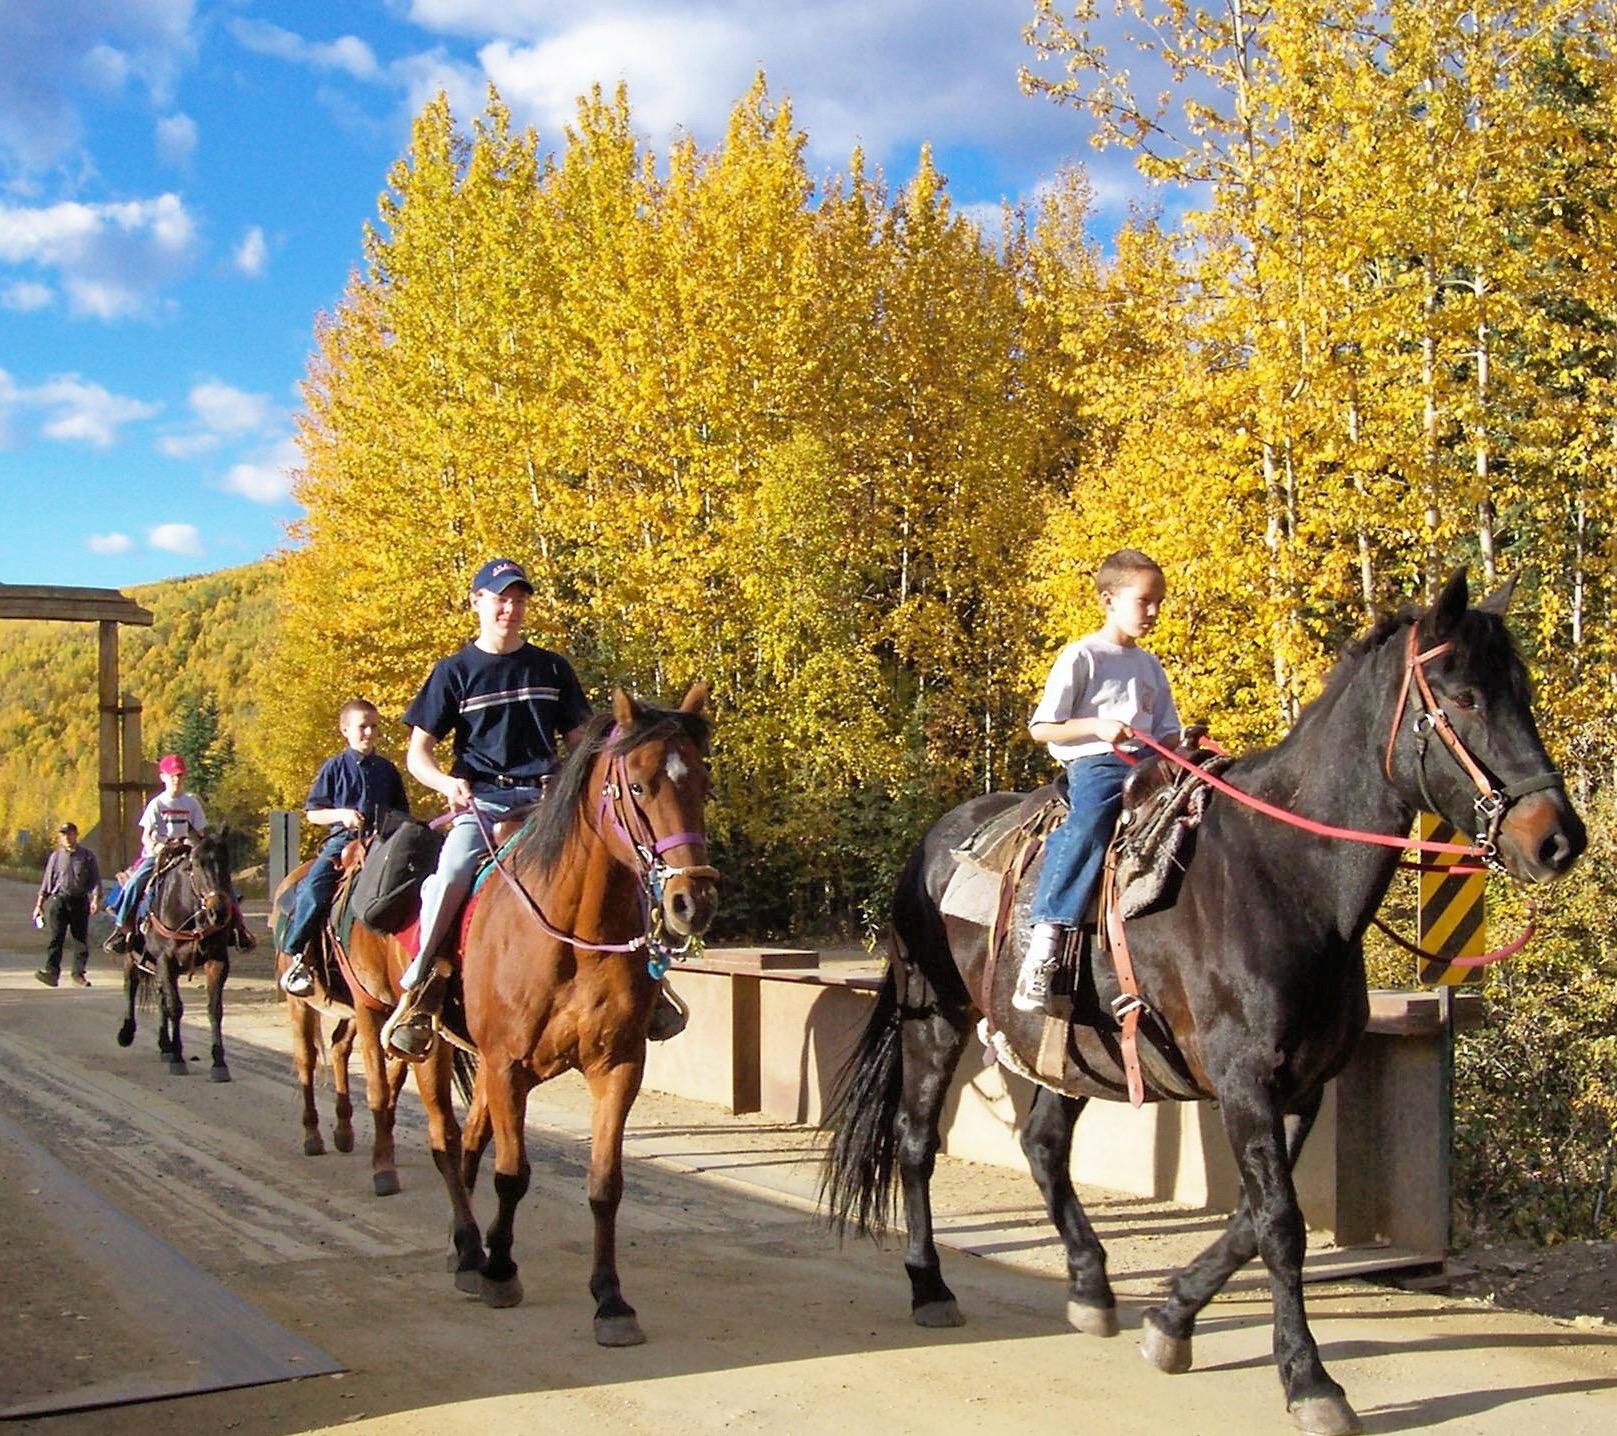 骑马 - 由贵宾骑术程度决定不同路线。30 分钟 - $50 /每人 || 1 小时 - $80 /每人儿童骑马由导游牵马而行。15 分钟 - $25 /每人